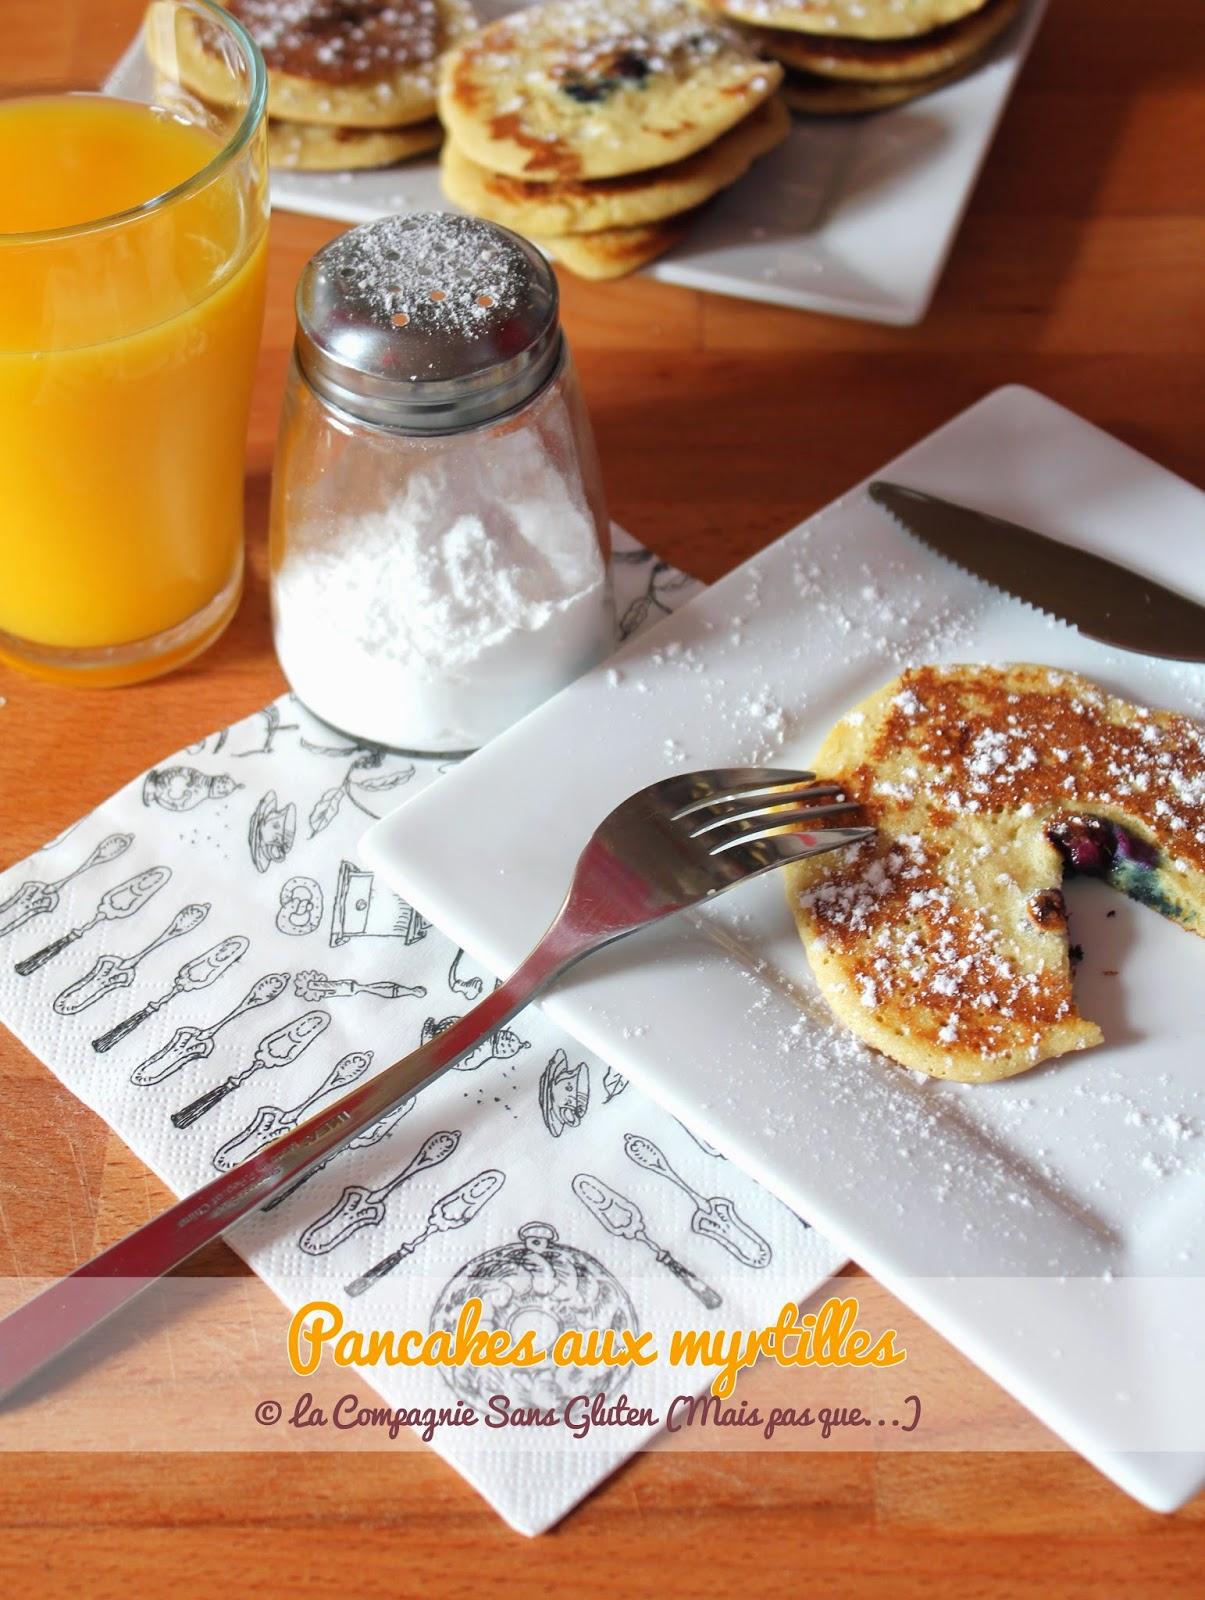 pancakes aux myrtilles sans gluten sans lait la compagnie sans gluten un blog sans gluten. Black Bedroom Furniture Sets. Home Design Ideas